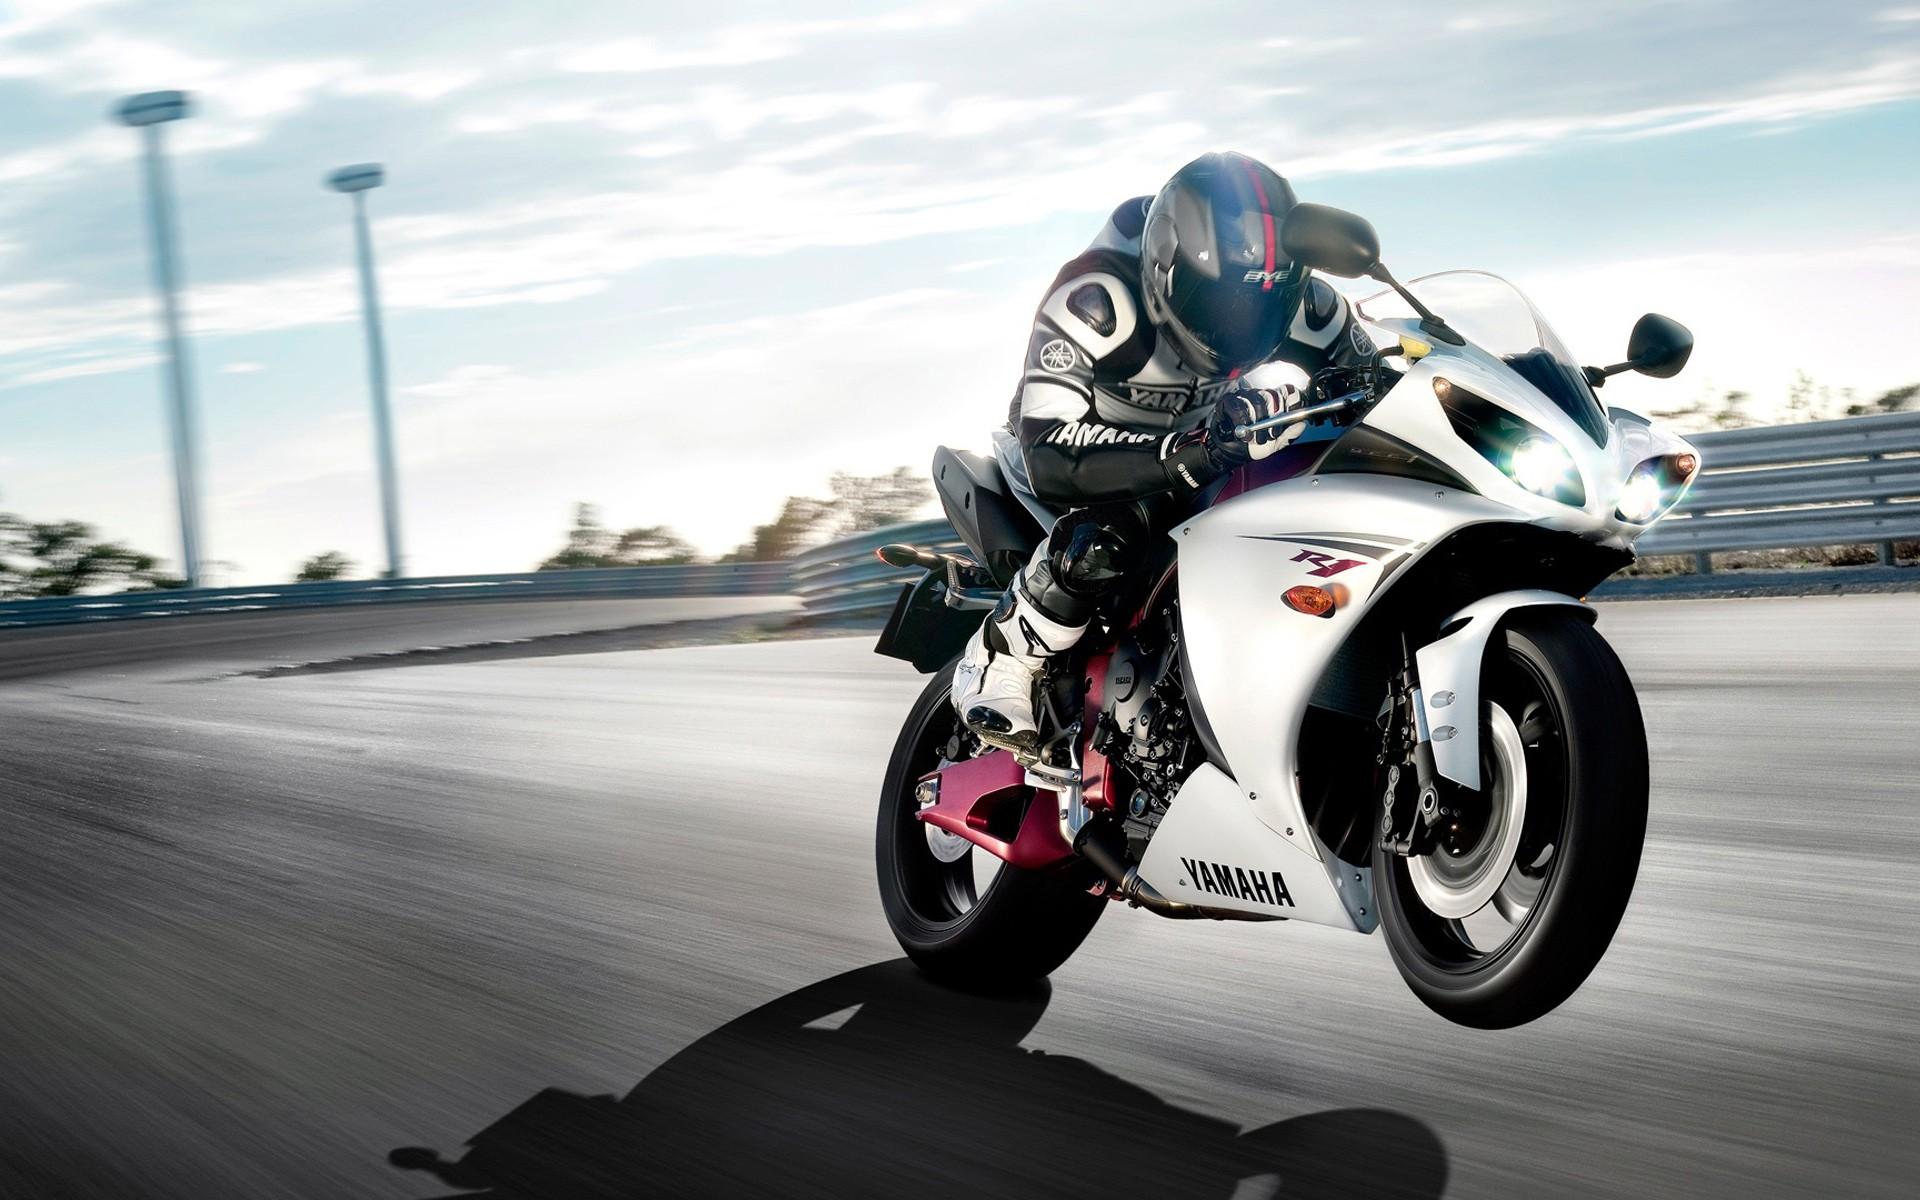 Motos Yamaha - 1920x1200